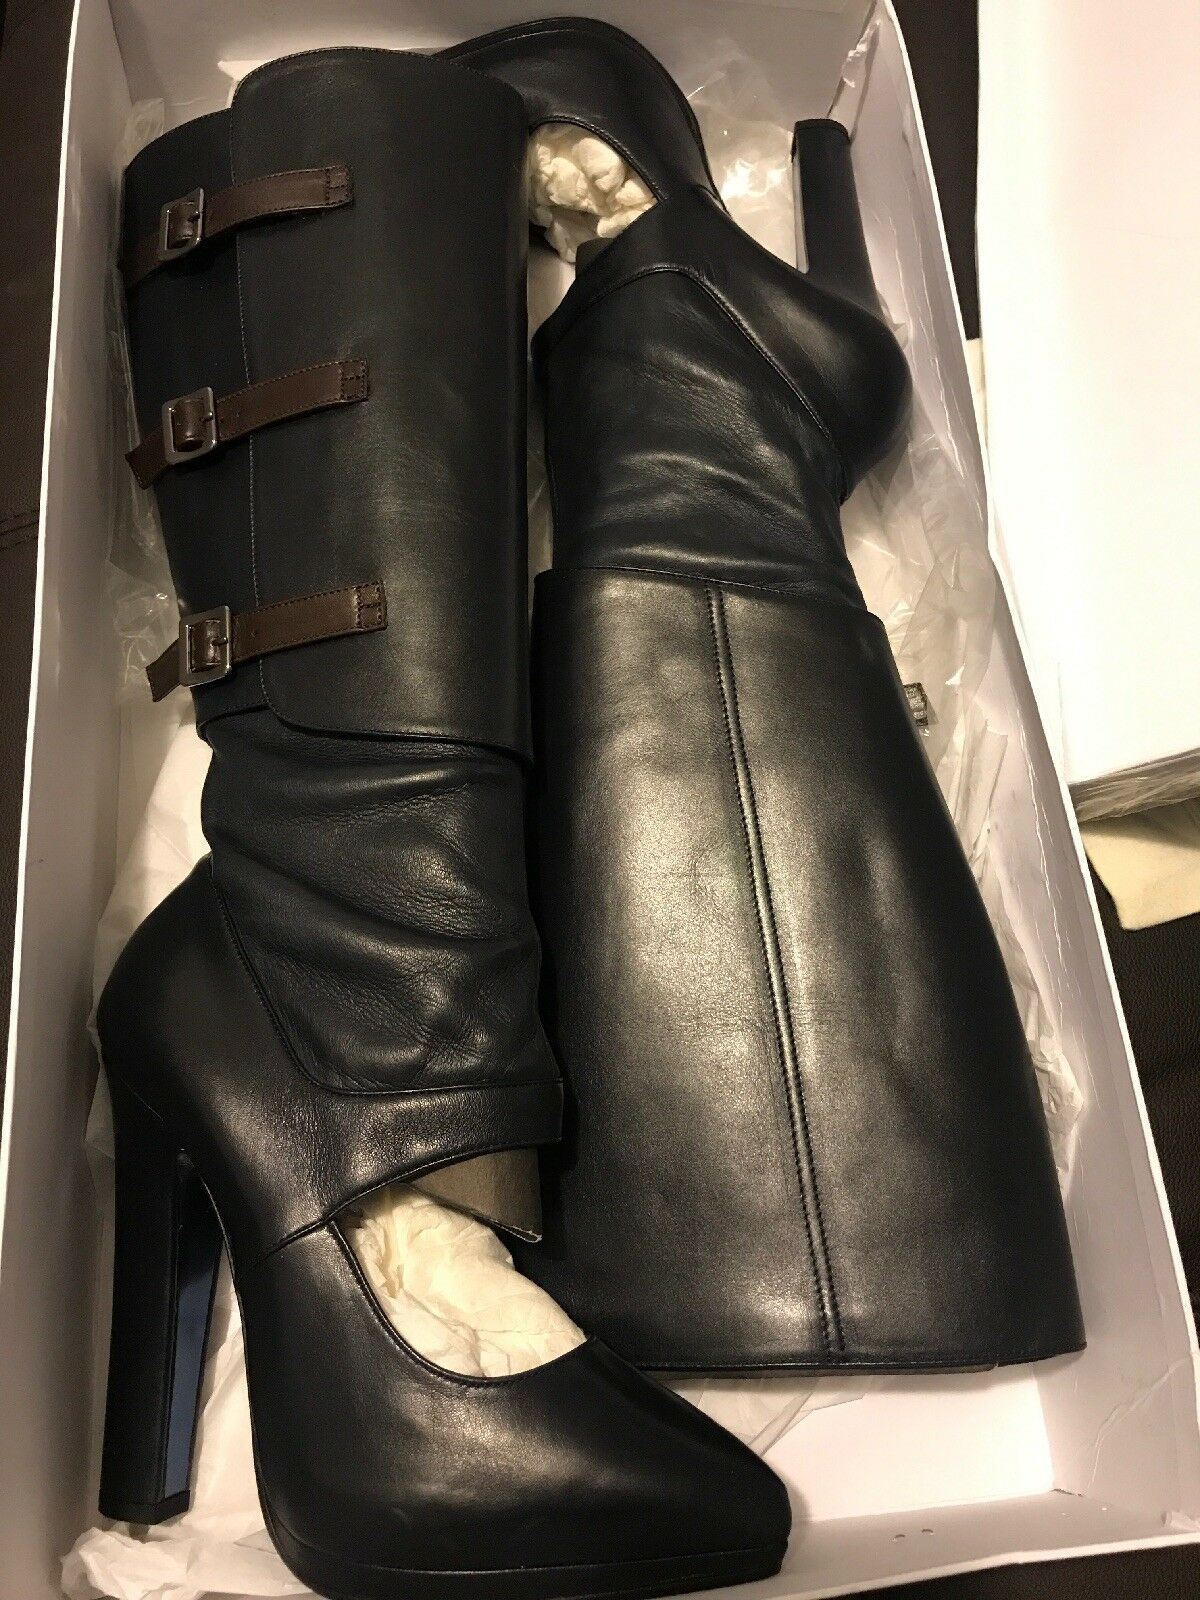 Versace Mujer cortado con cinturón cinturón con Negro botas a la rodilla c16377